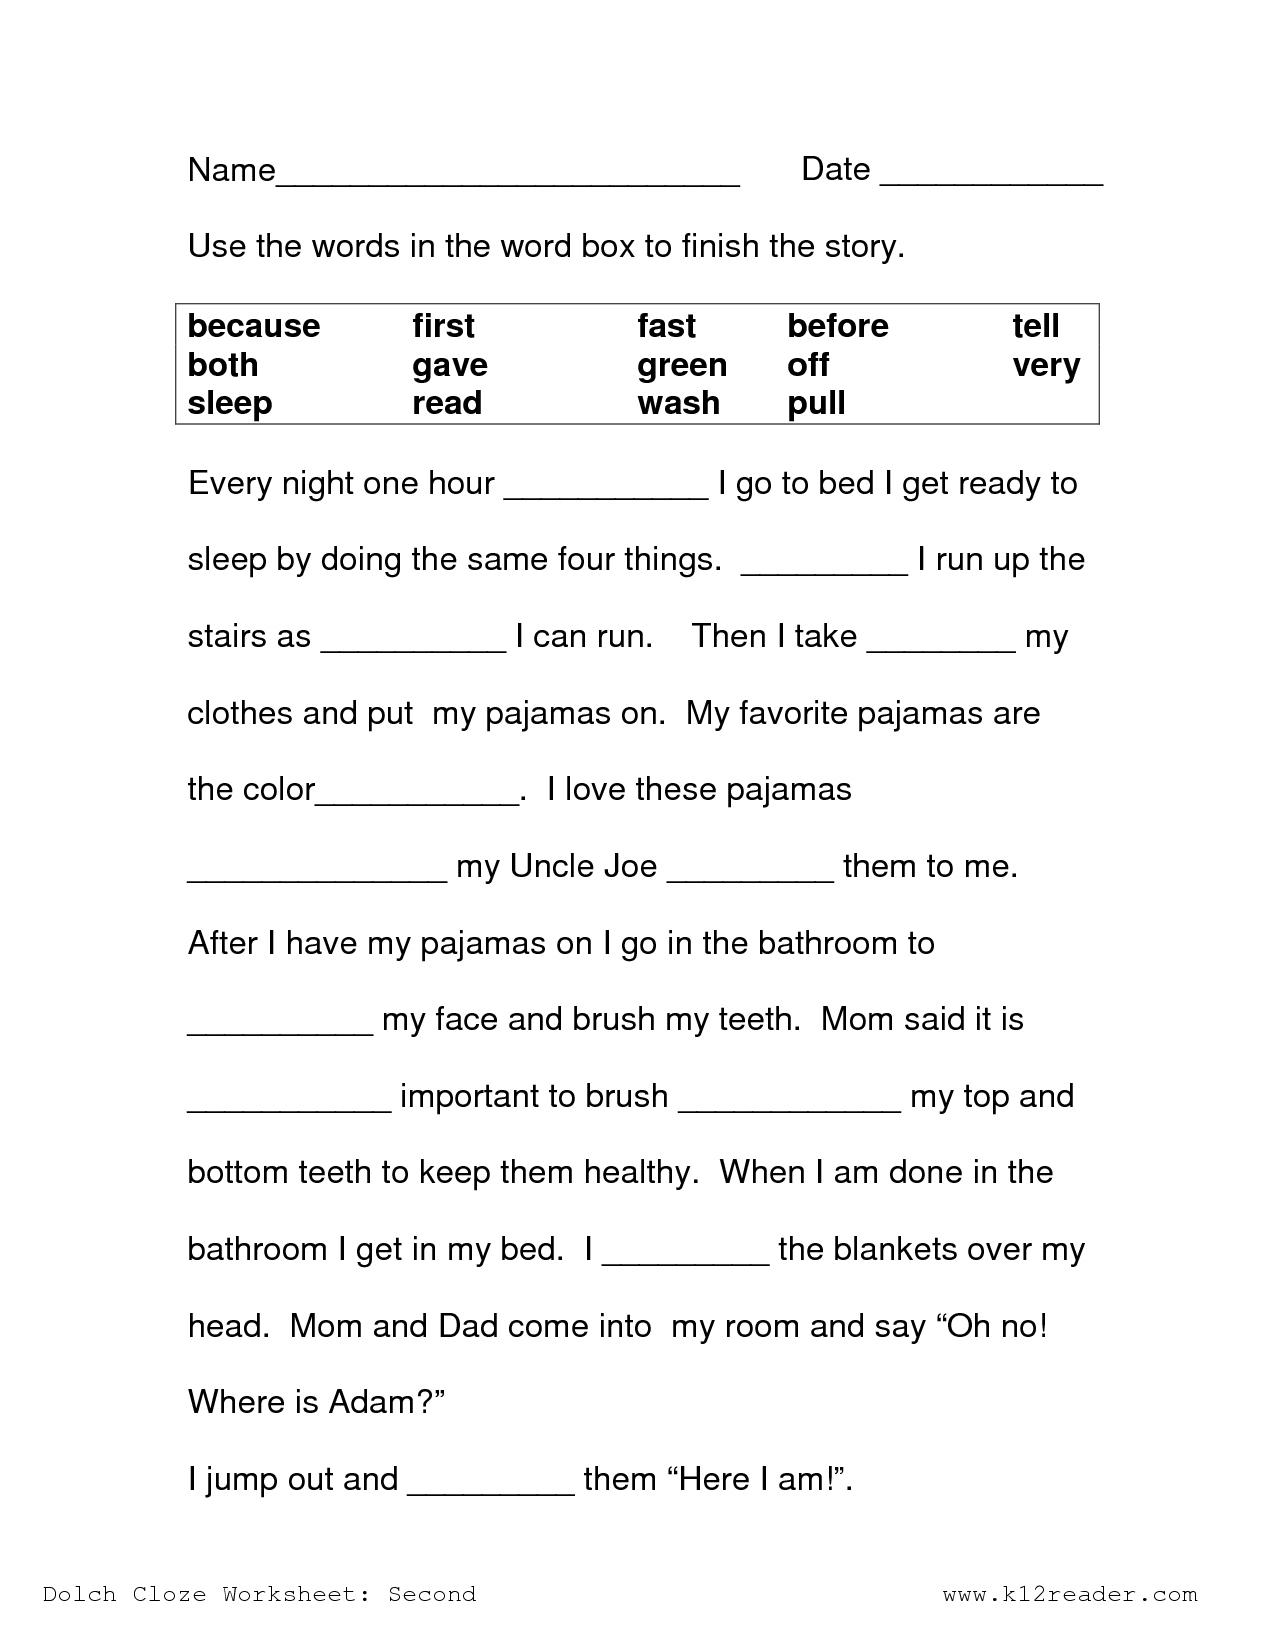 Math Worksheet: 2Nd Grade Science Worksheets Free Printable Easy | Free Printable Fifth Grade Science Worksheets